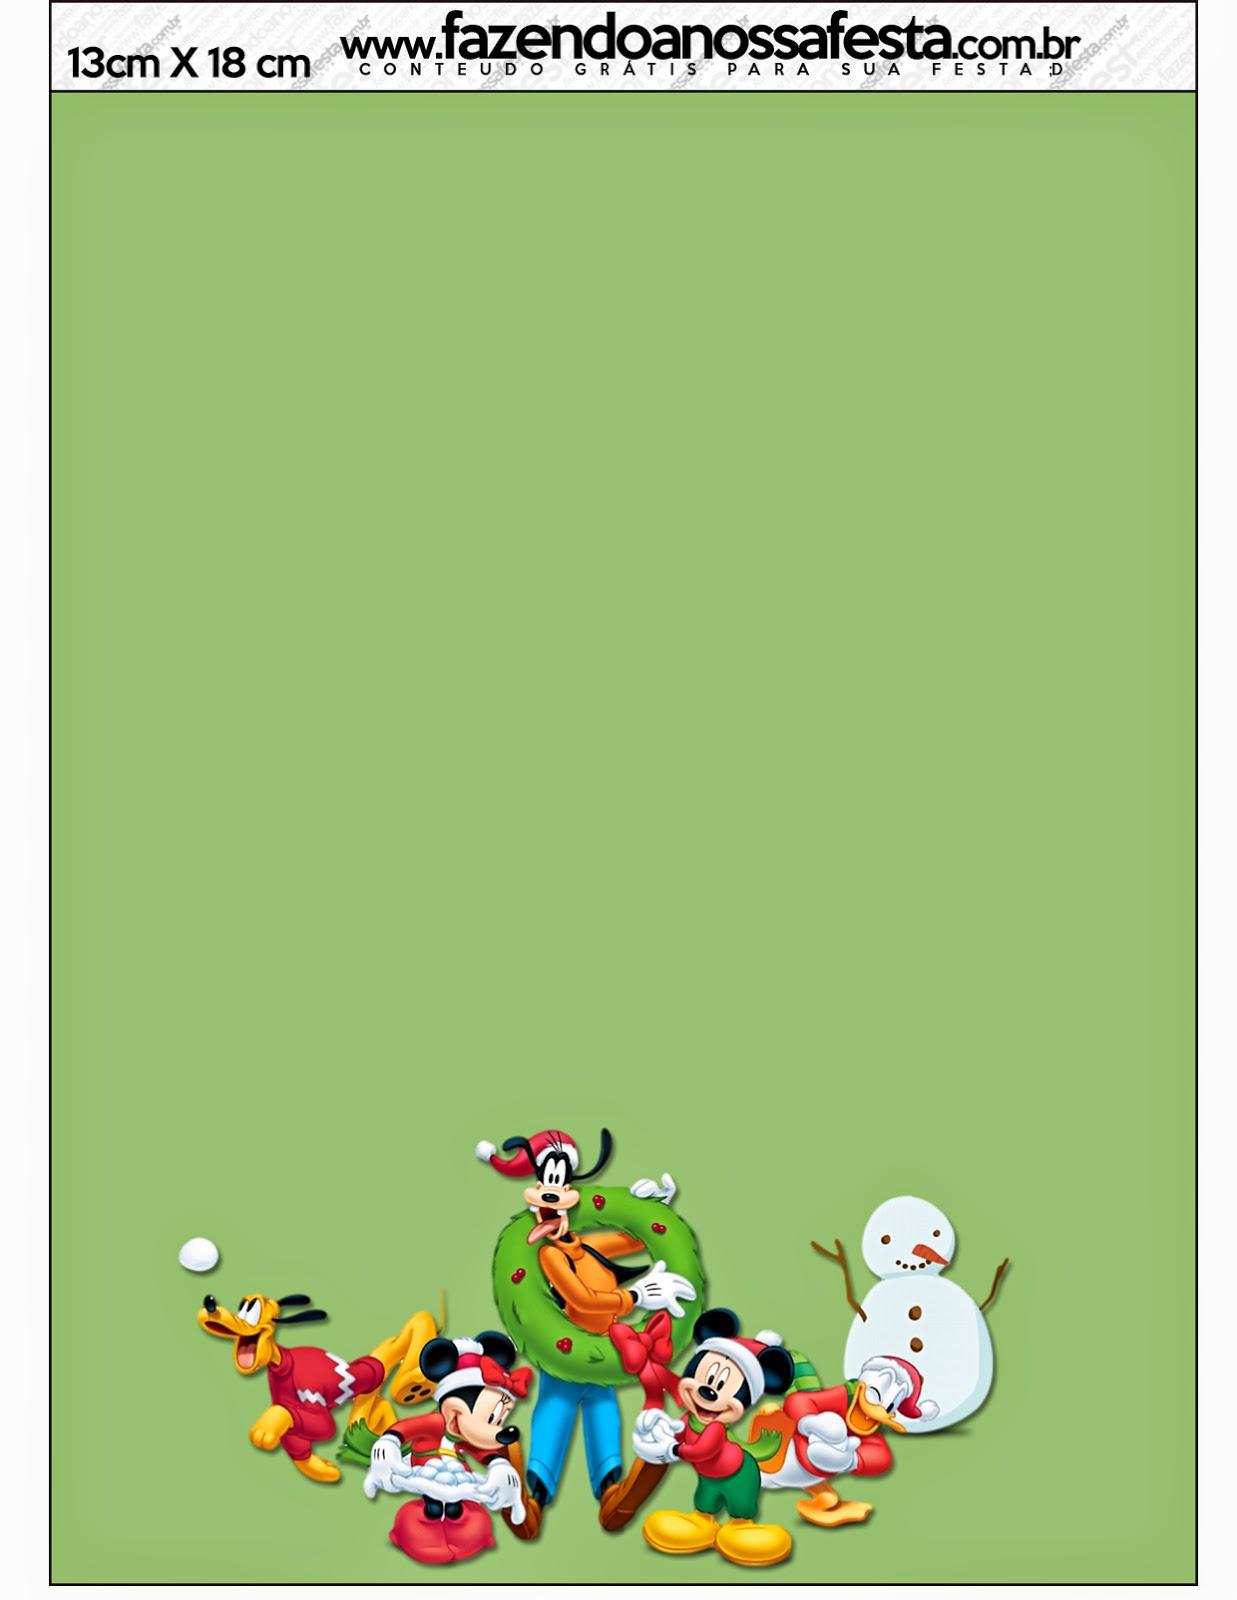 Encantador Imagenes De Mimi Navidad Para Colorear